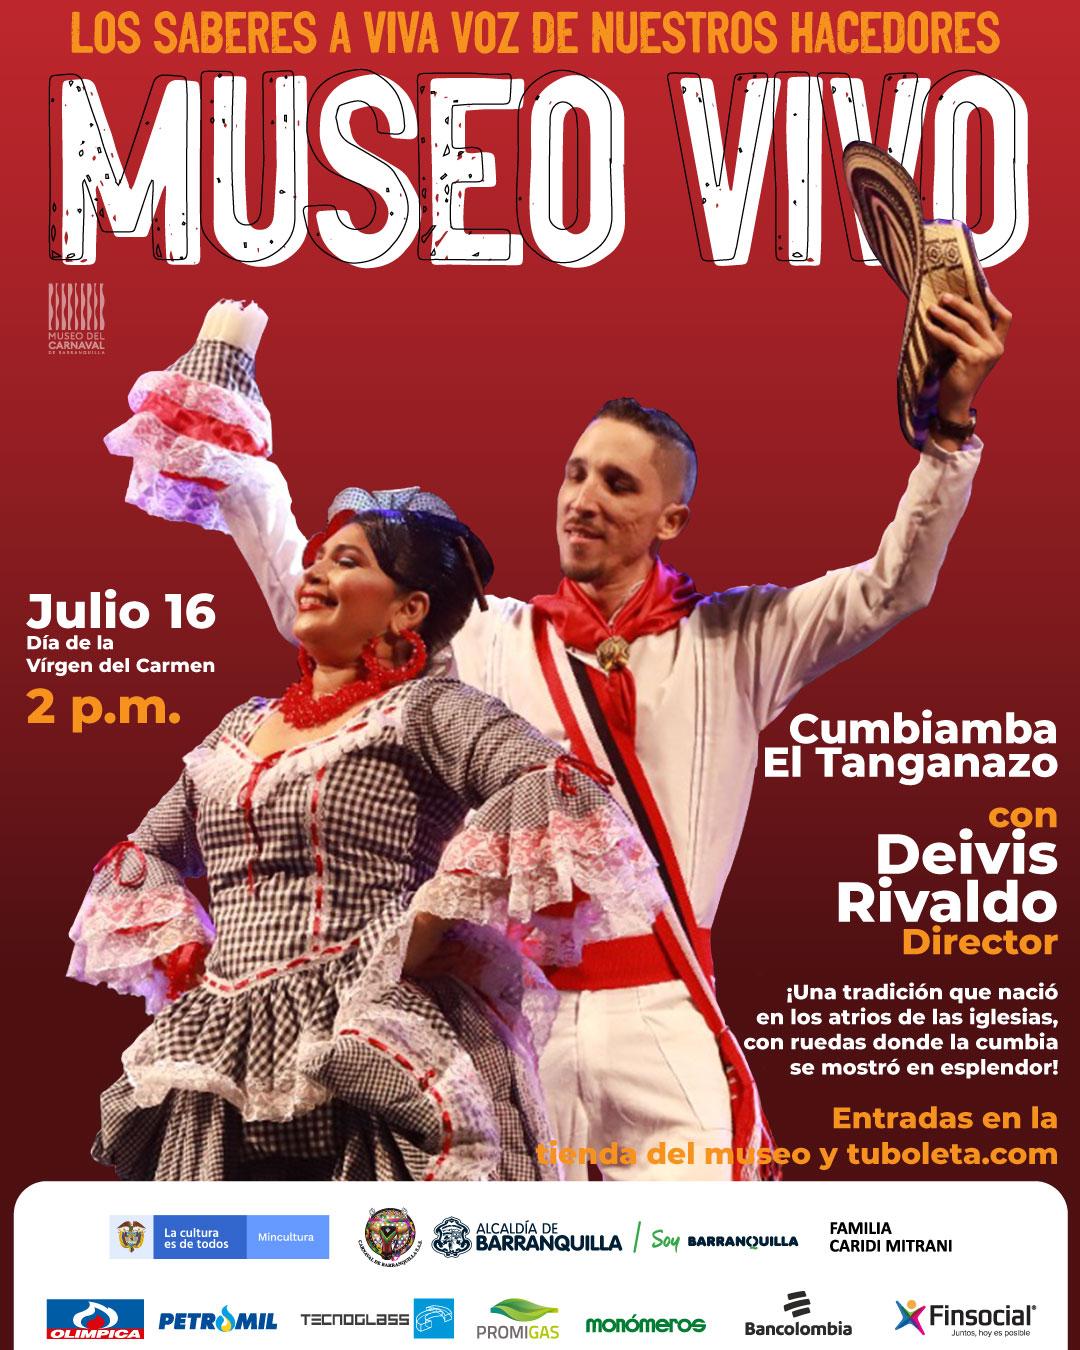 Llega a Museo en Vivo la Cumbiamba El Tanganazo